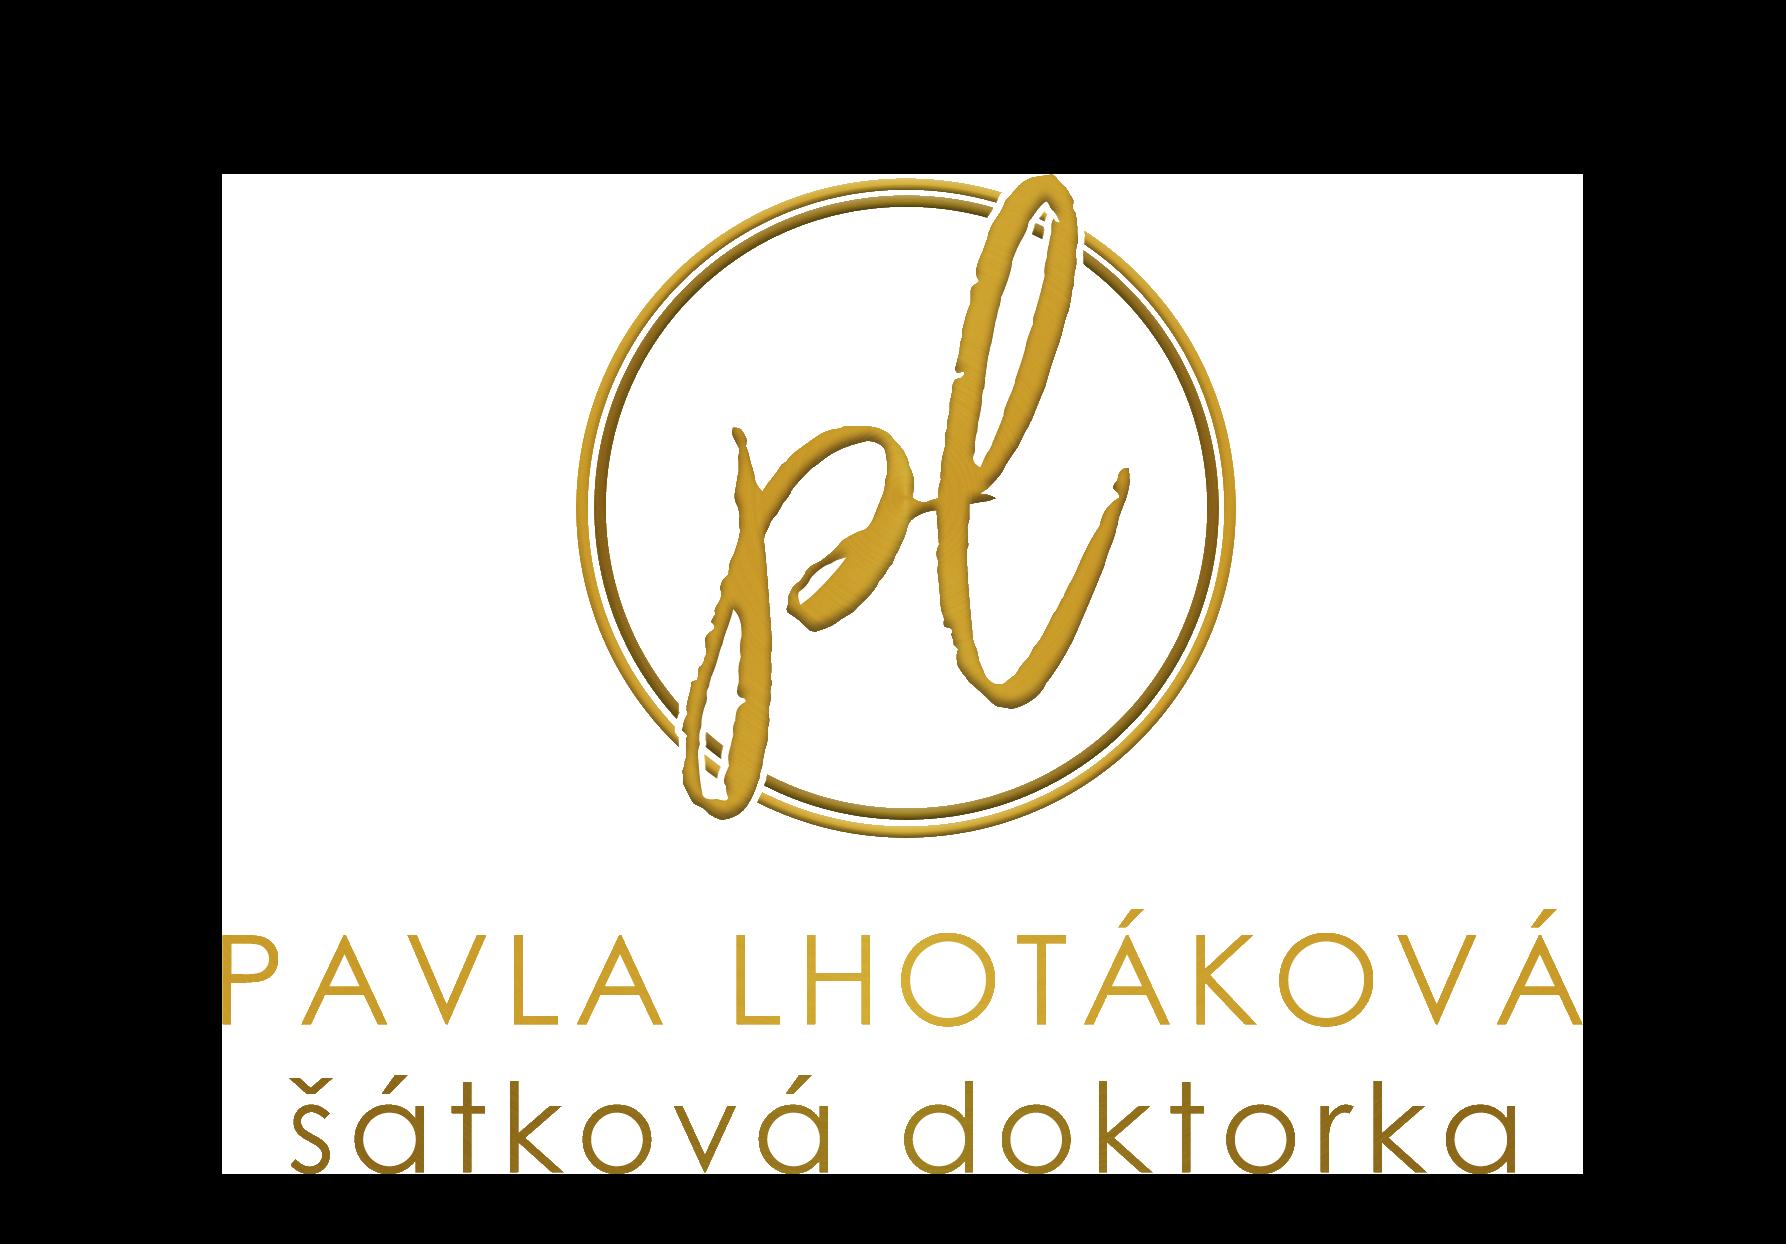 Pavla lhotakova